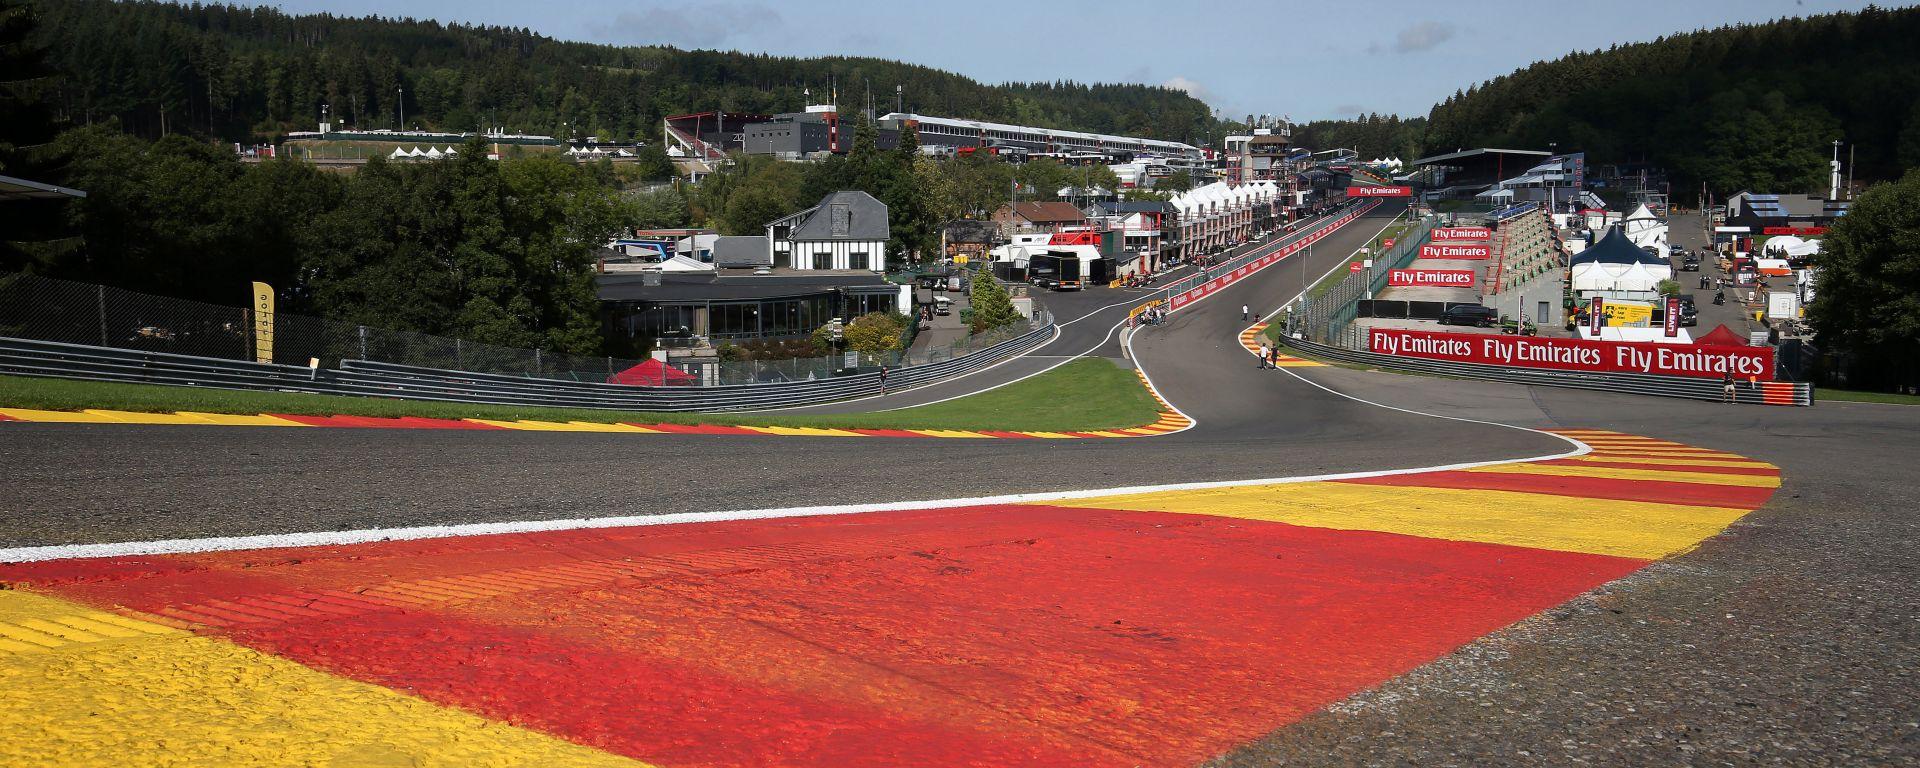 F1 GP Belgio, Spa-Francorchamps: la mitica curva Eau Rouge